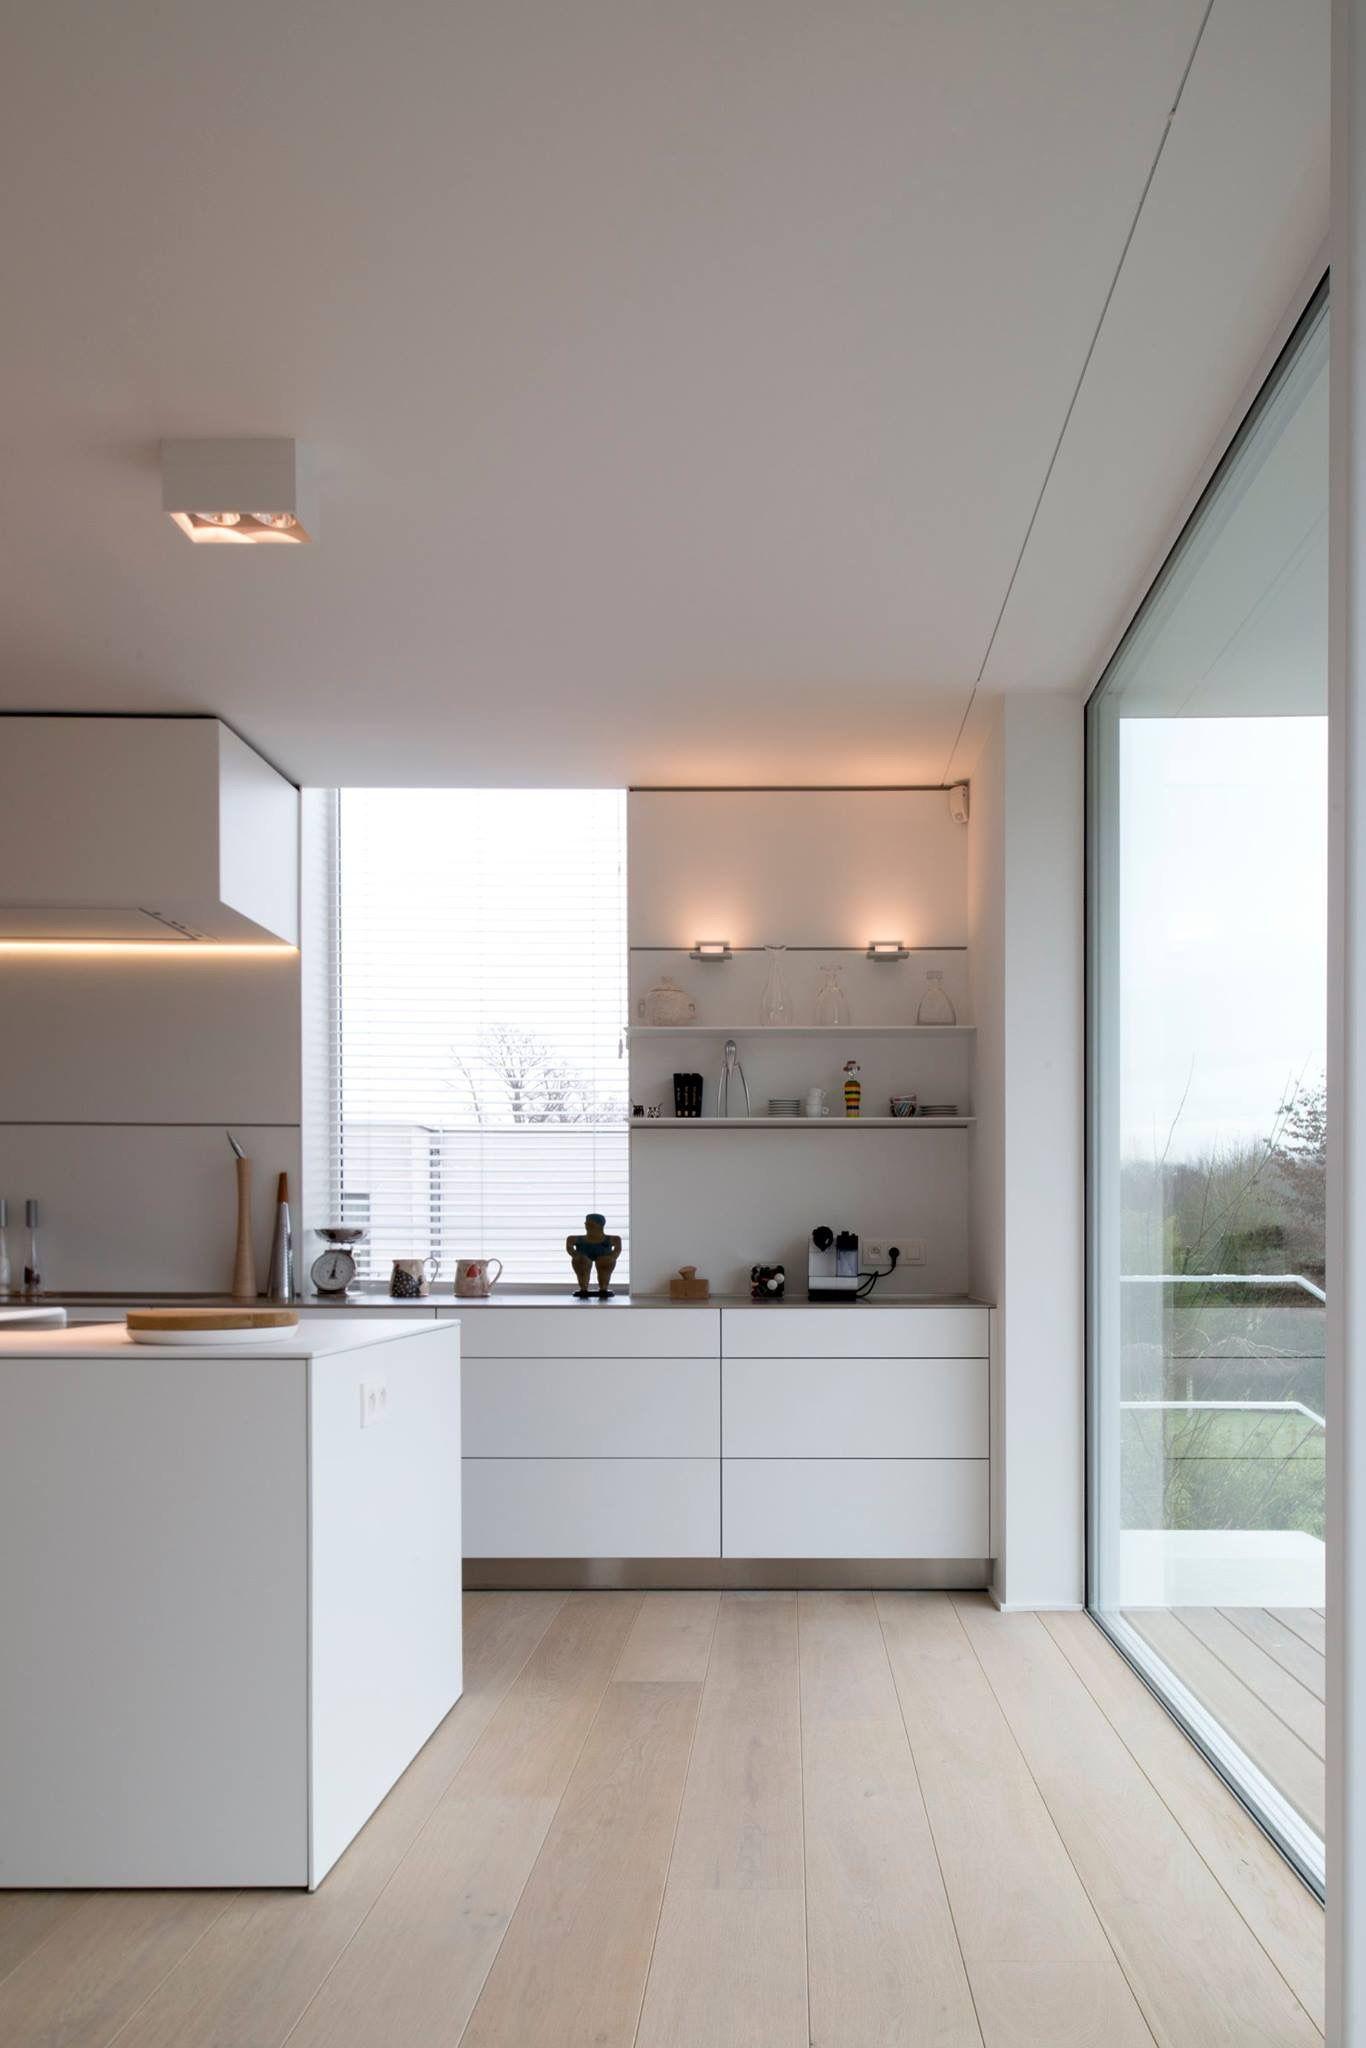 Fußboden Für Küche   Fußboden Küche Ess Wohnzimmer Bauforum ...